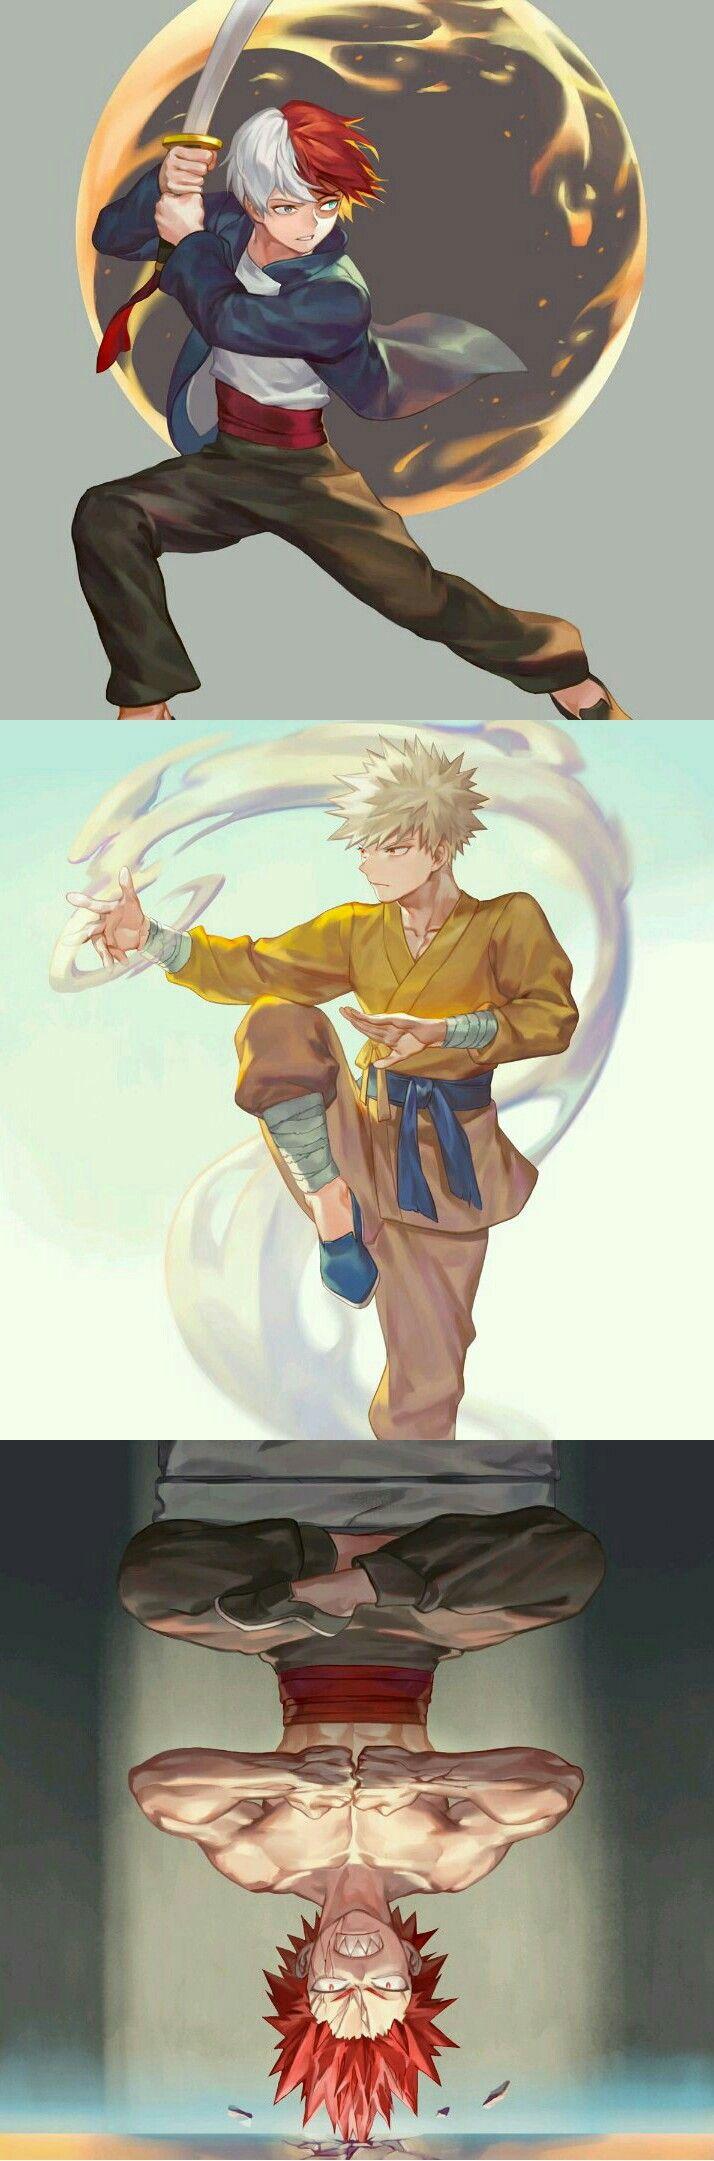 Boku no Hero Academia || #mha << I sense Avatar: The Last Airbender Radiating from here